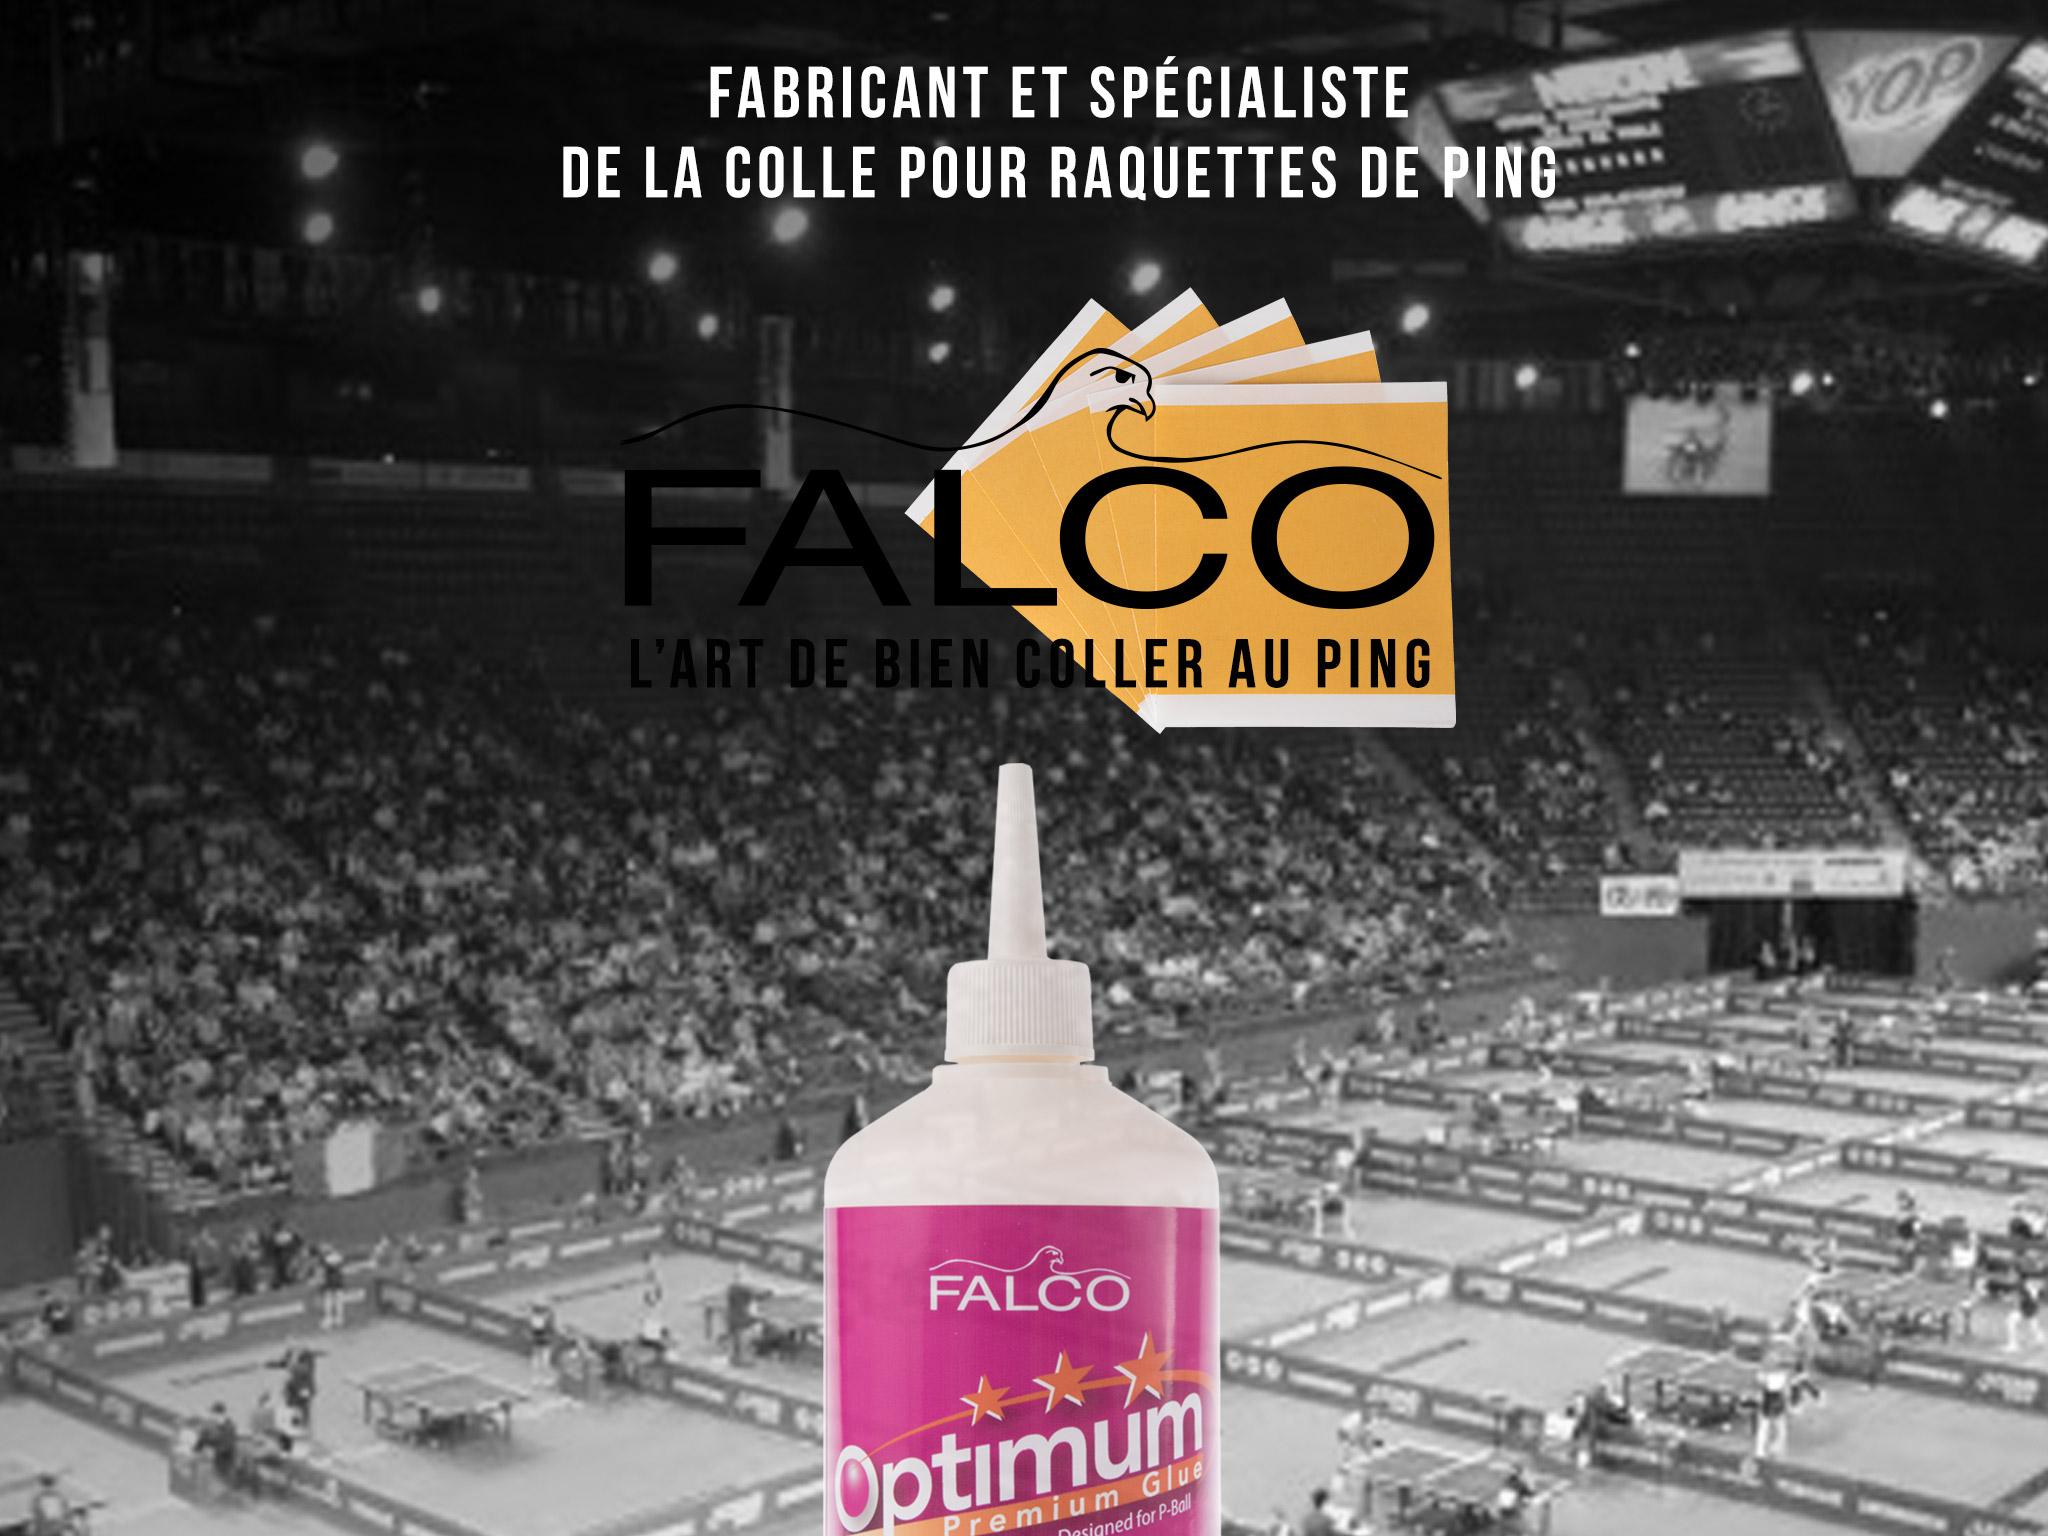 FALCO - Le spécialiste de la colle de Tennis de Table